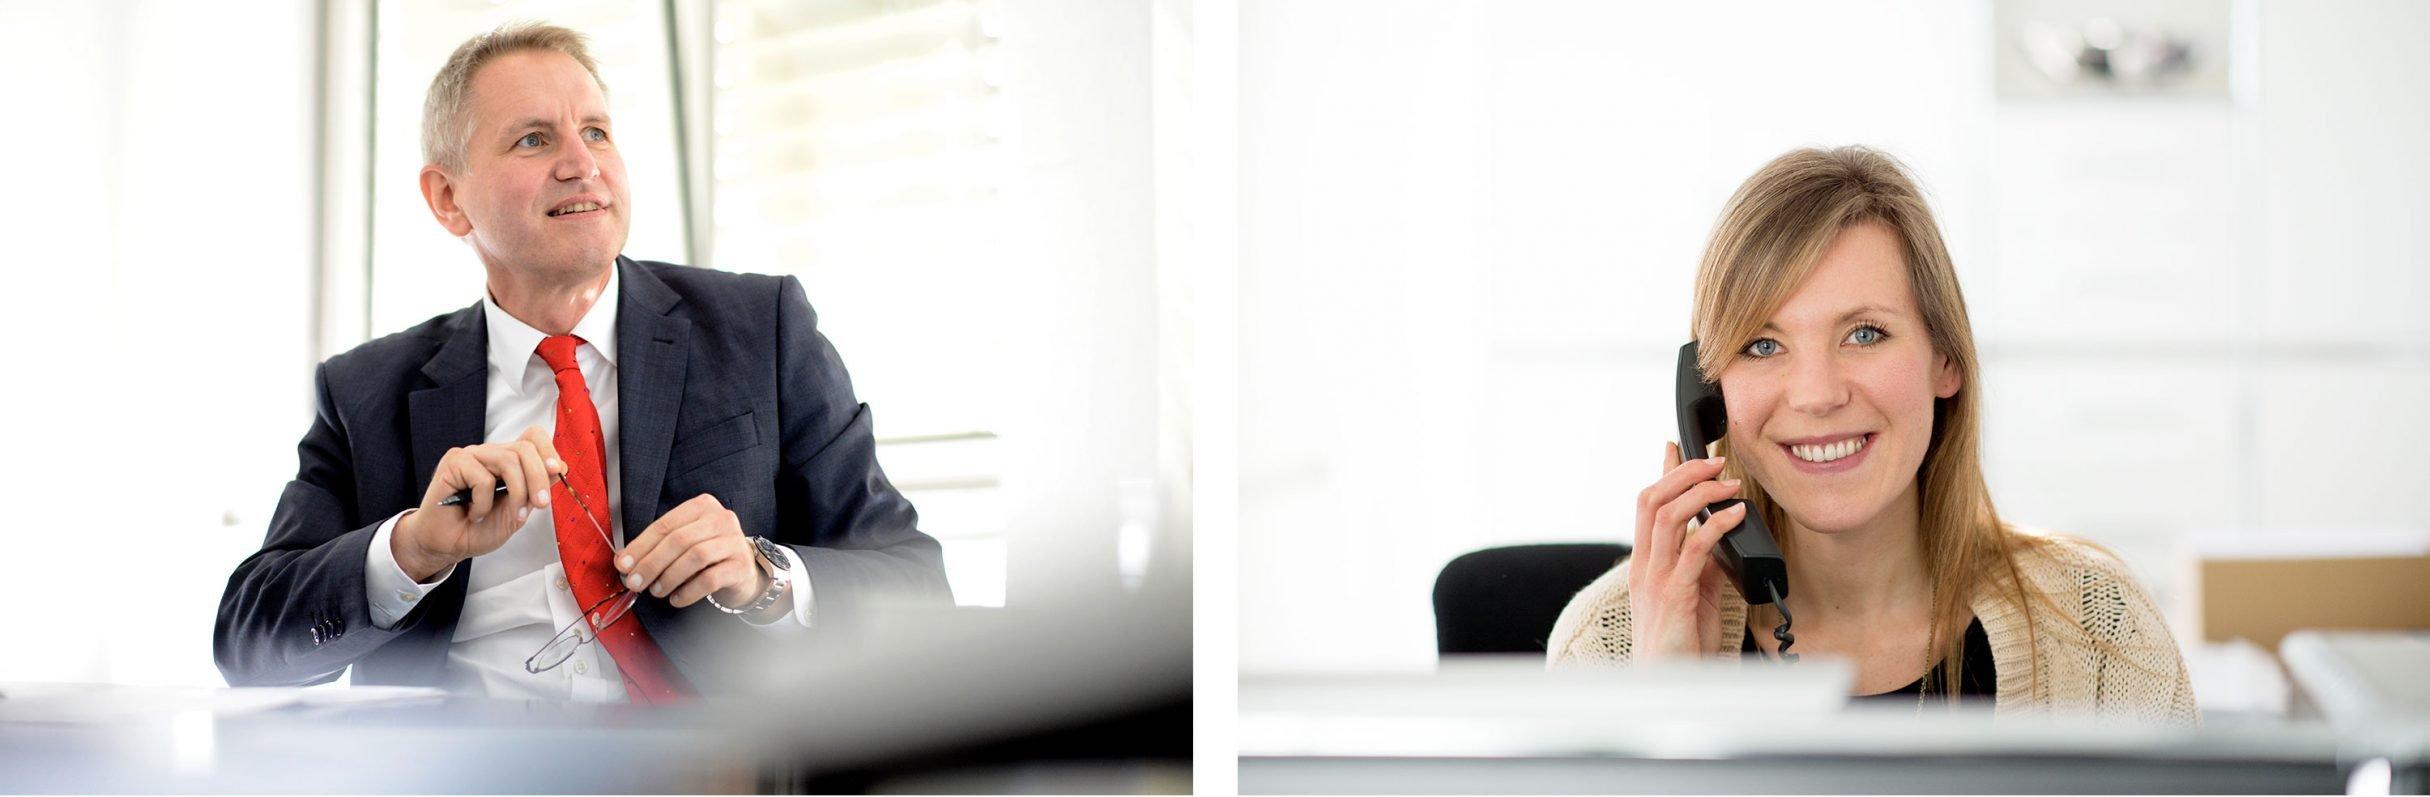 Businessfotografie für Dr. Vaih und Partner: DIE NEUDENKER® Agentur, Darmstadt